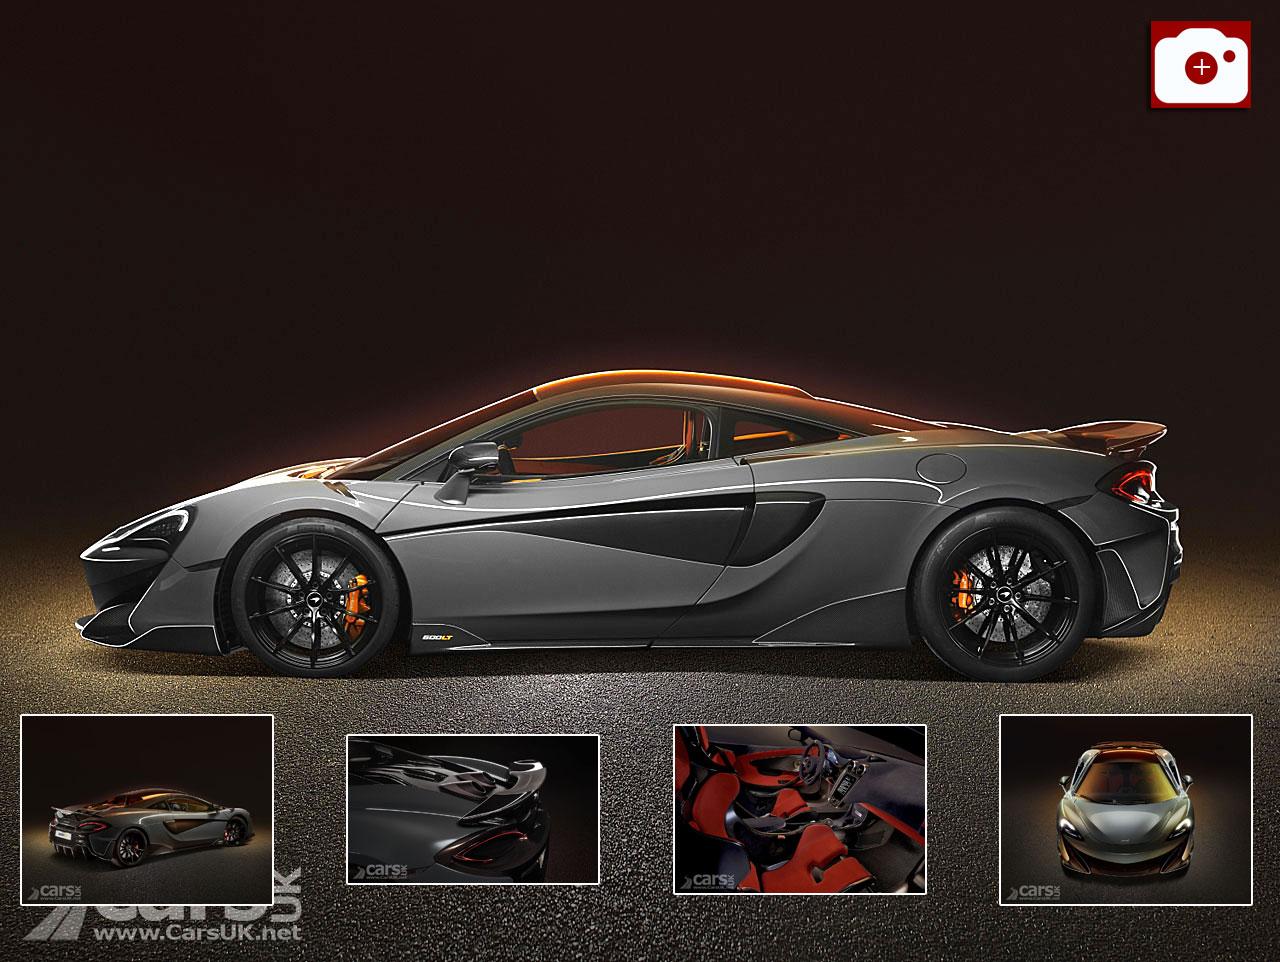 McLaren 600LT Photo Gallery